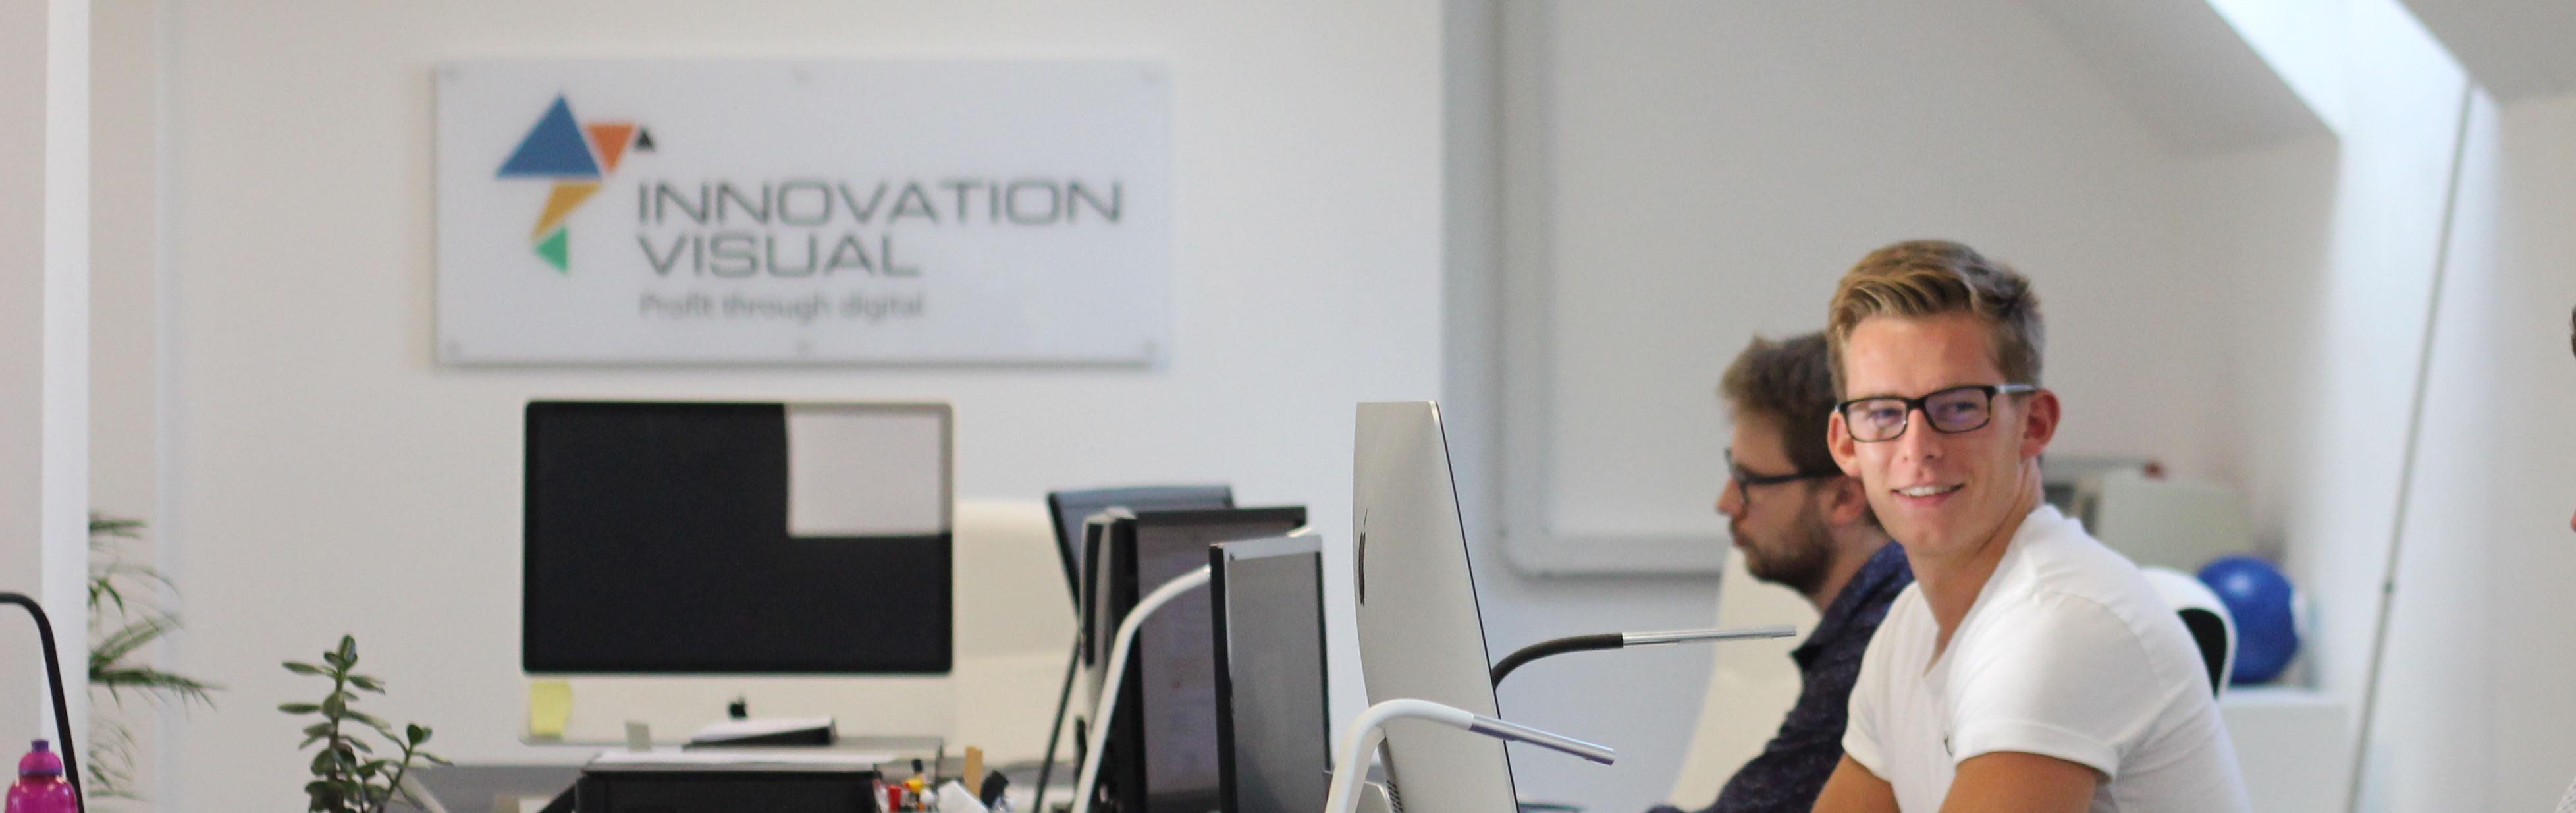 Innovation-Visual-digital-marketing-team-in-Surrey-office-2